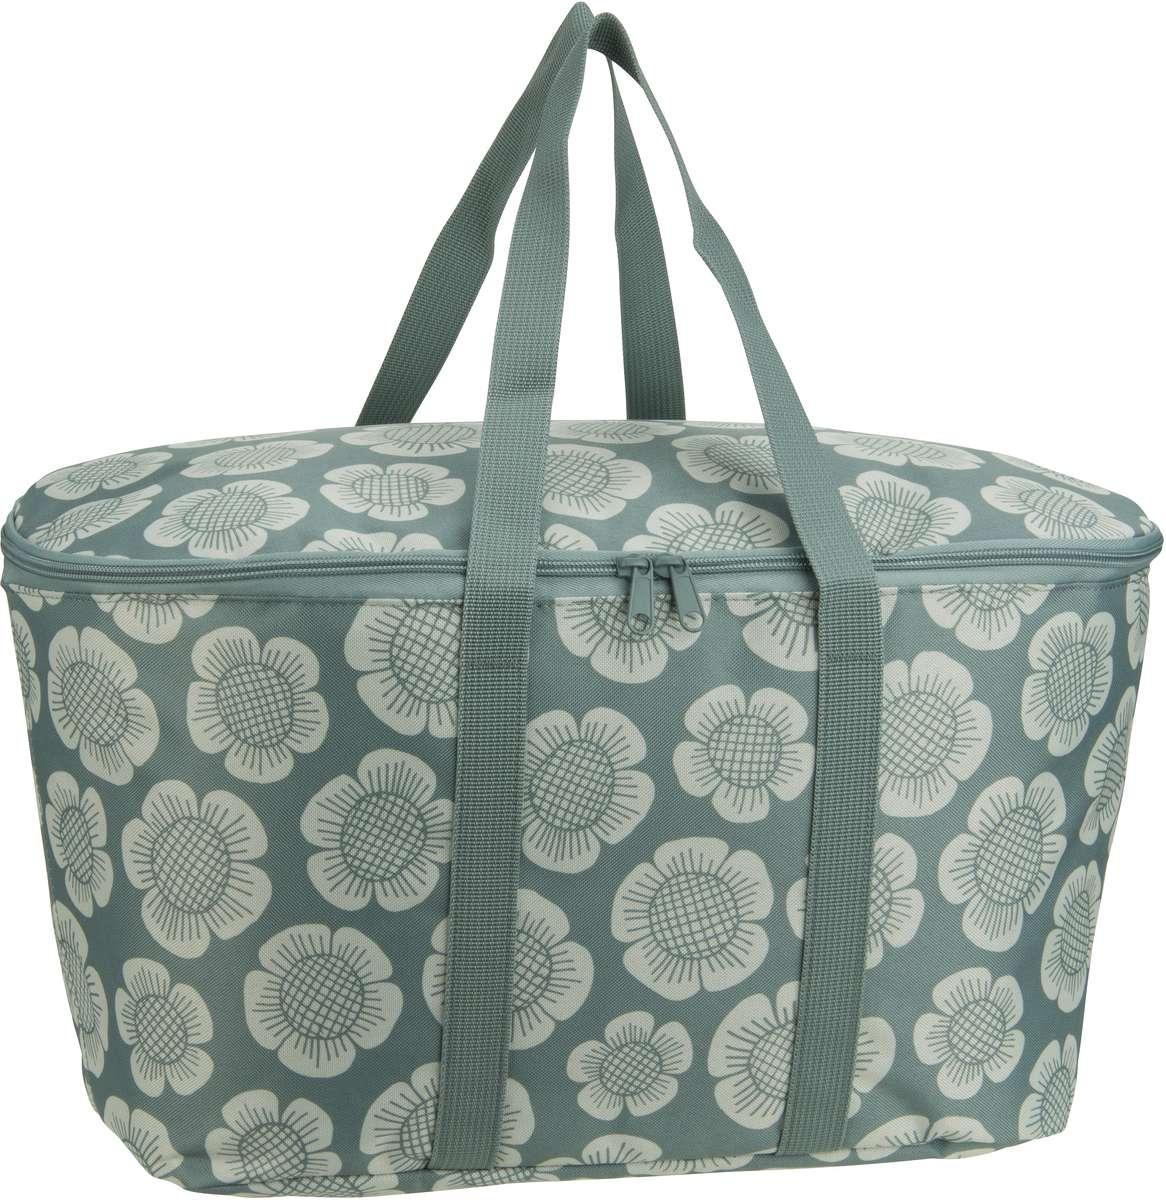 Kathlow Angebote reisenthel coolerbag Bloomy - Einkaufstasche